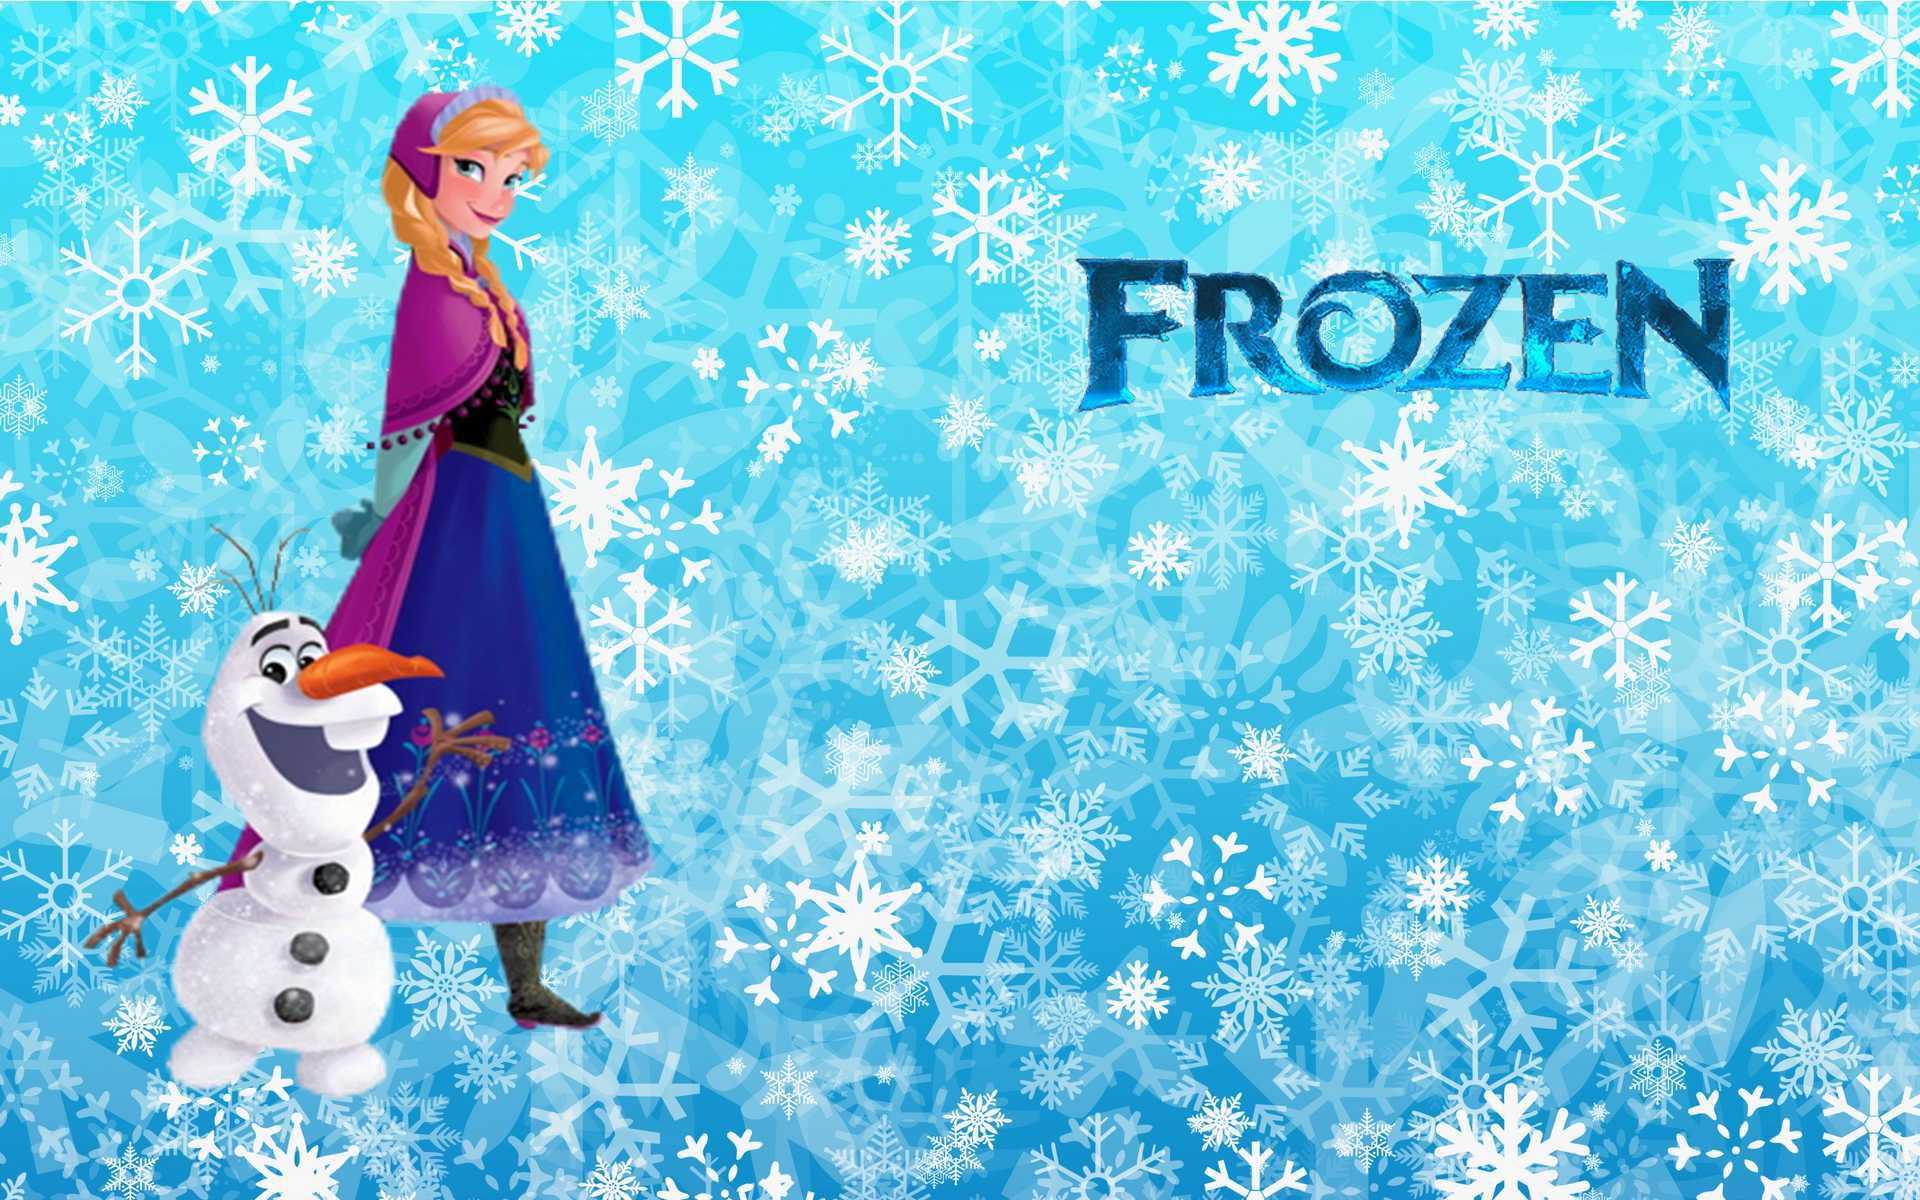 frozen computer wallpapers desktop - photo #35